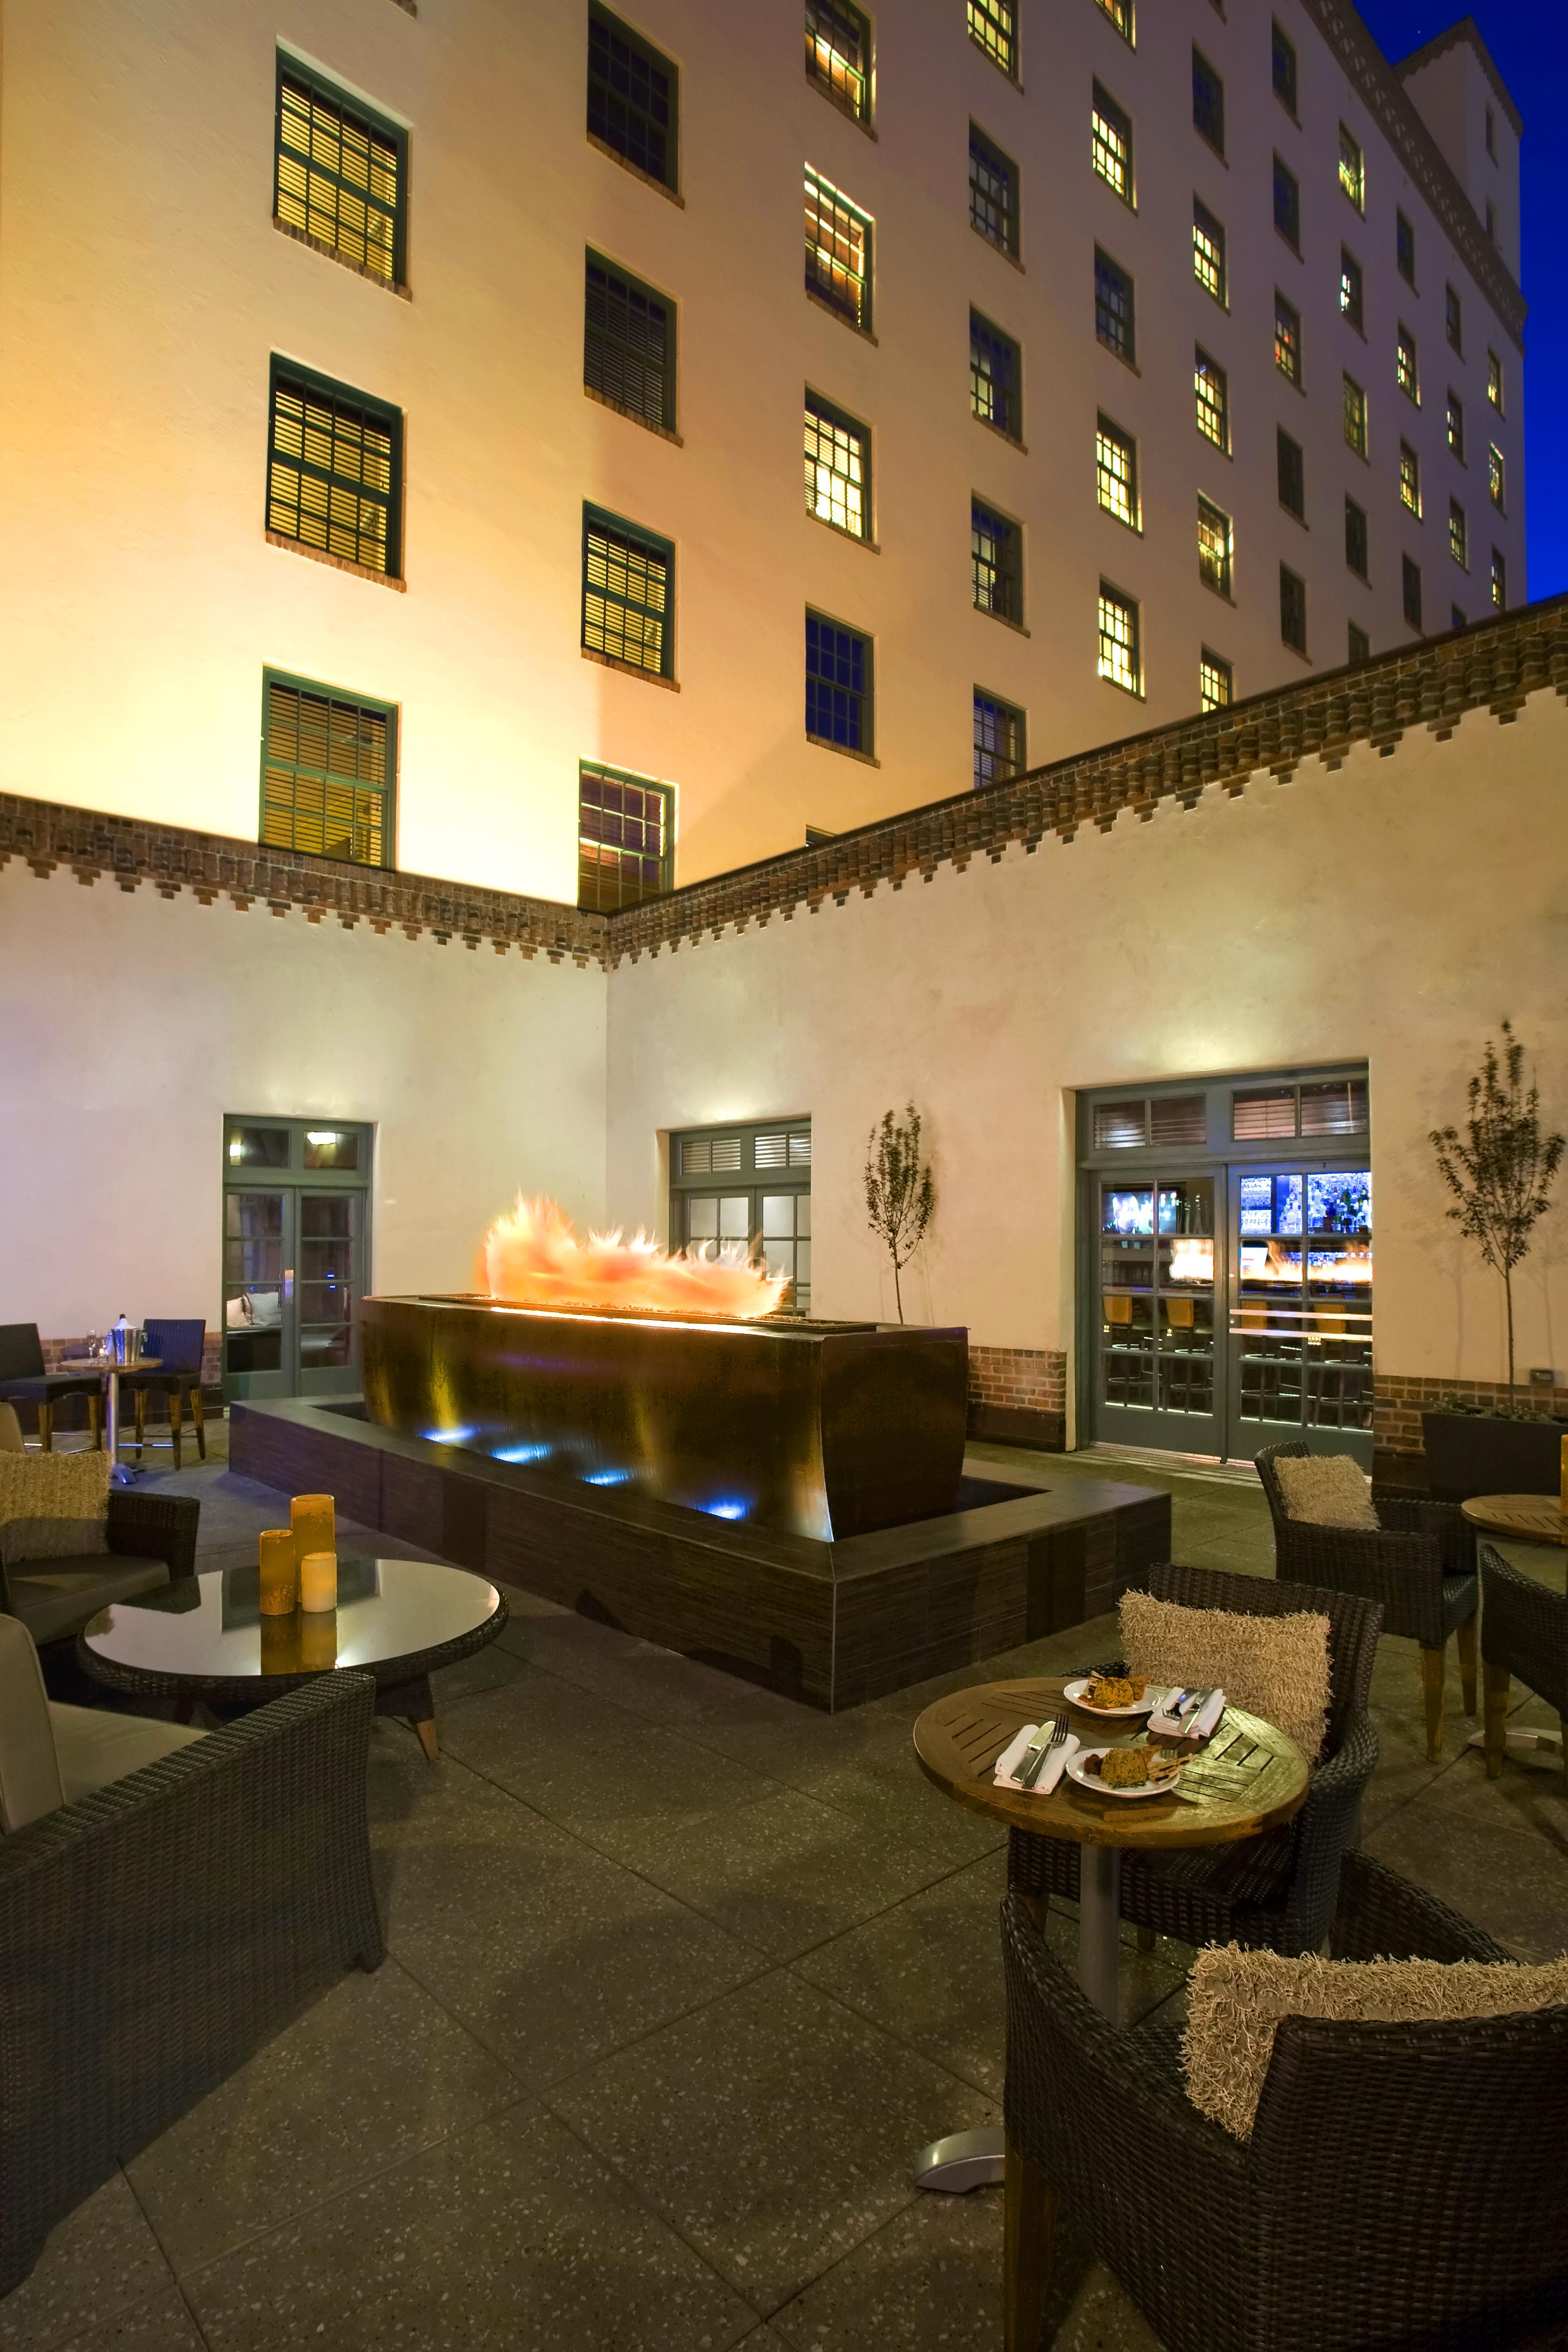 Hotel Andaluz – Downtown Albuquerque